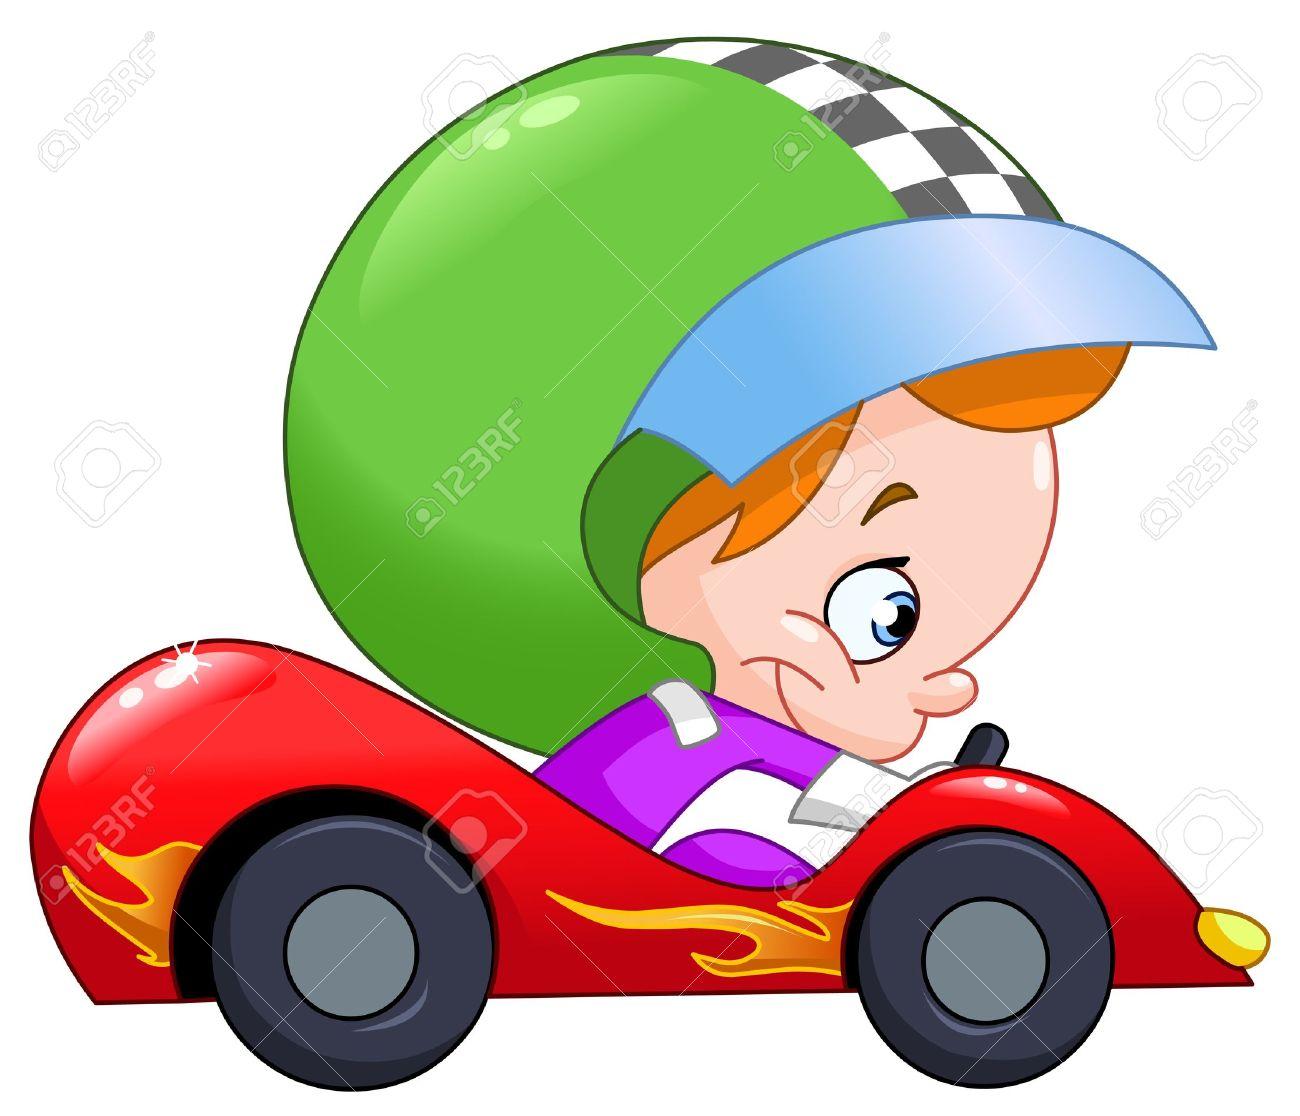 young kid driving a race car royalty free cliparts vectors and rh 123rf com race car clip art free race car clip art for free download